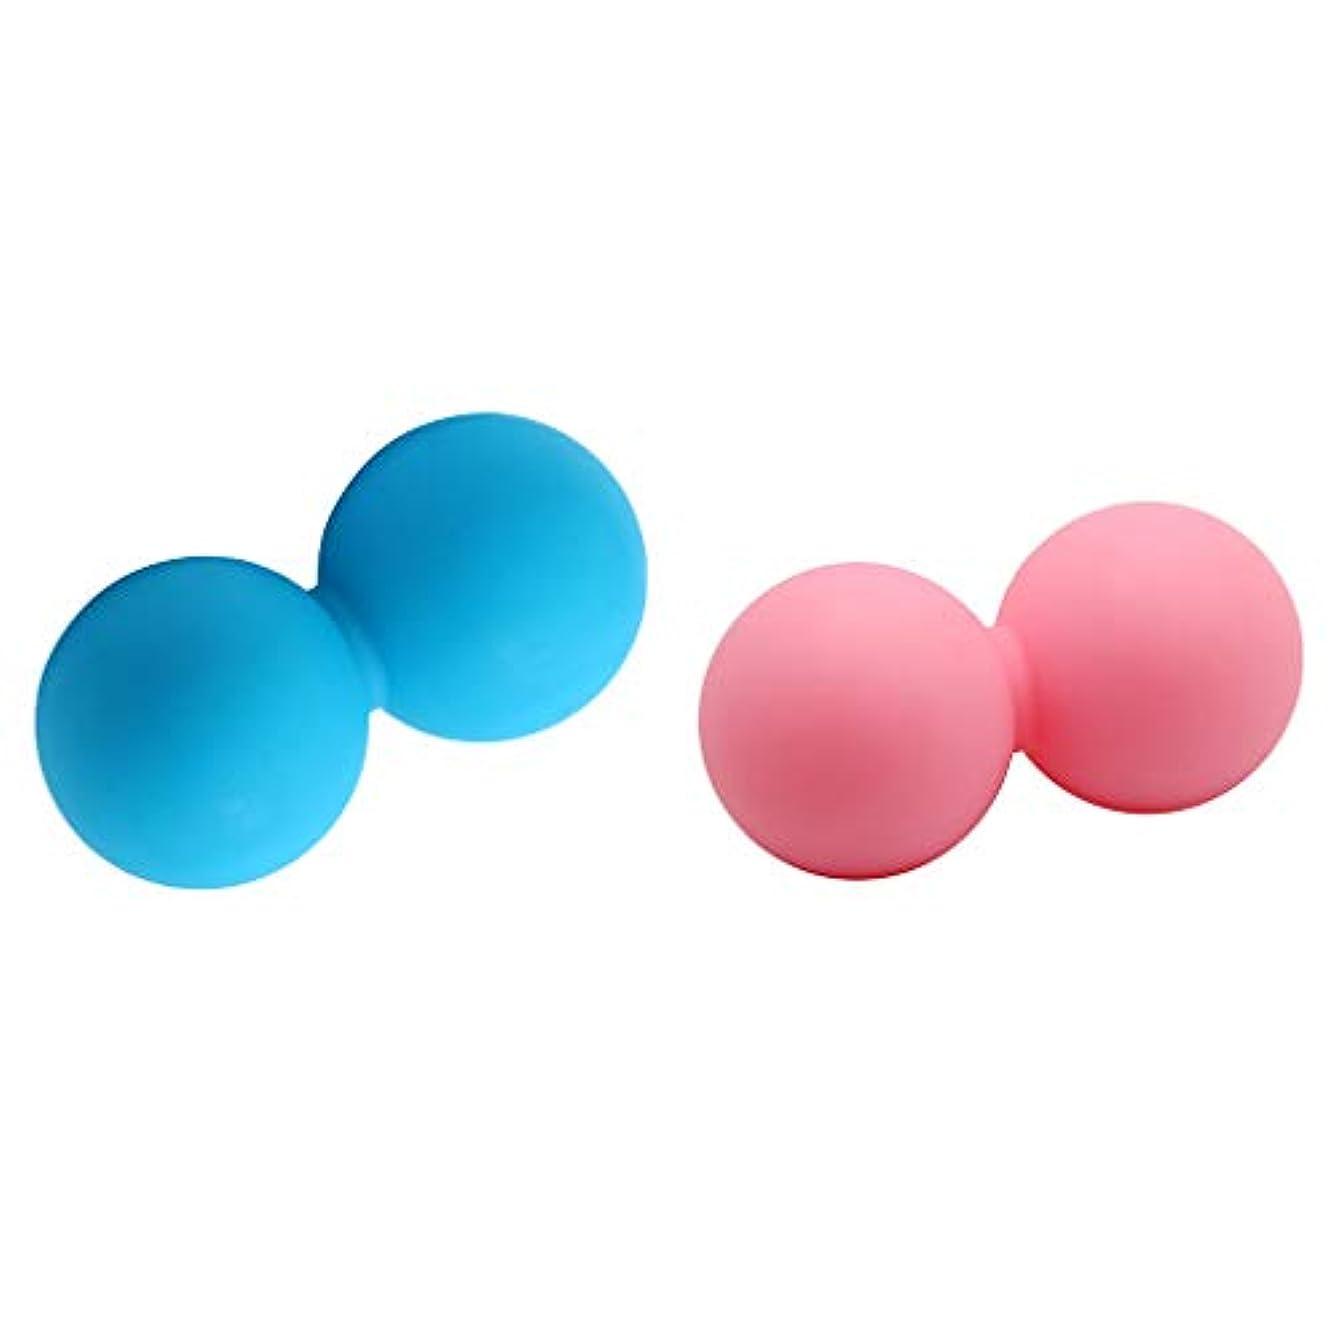 売るラップフェローシップ2個 マッサージボール ピーナッツ ダブルラクロスマッサージボール 筋膜リリース 家庭、オフィス旅行